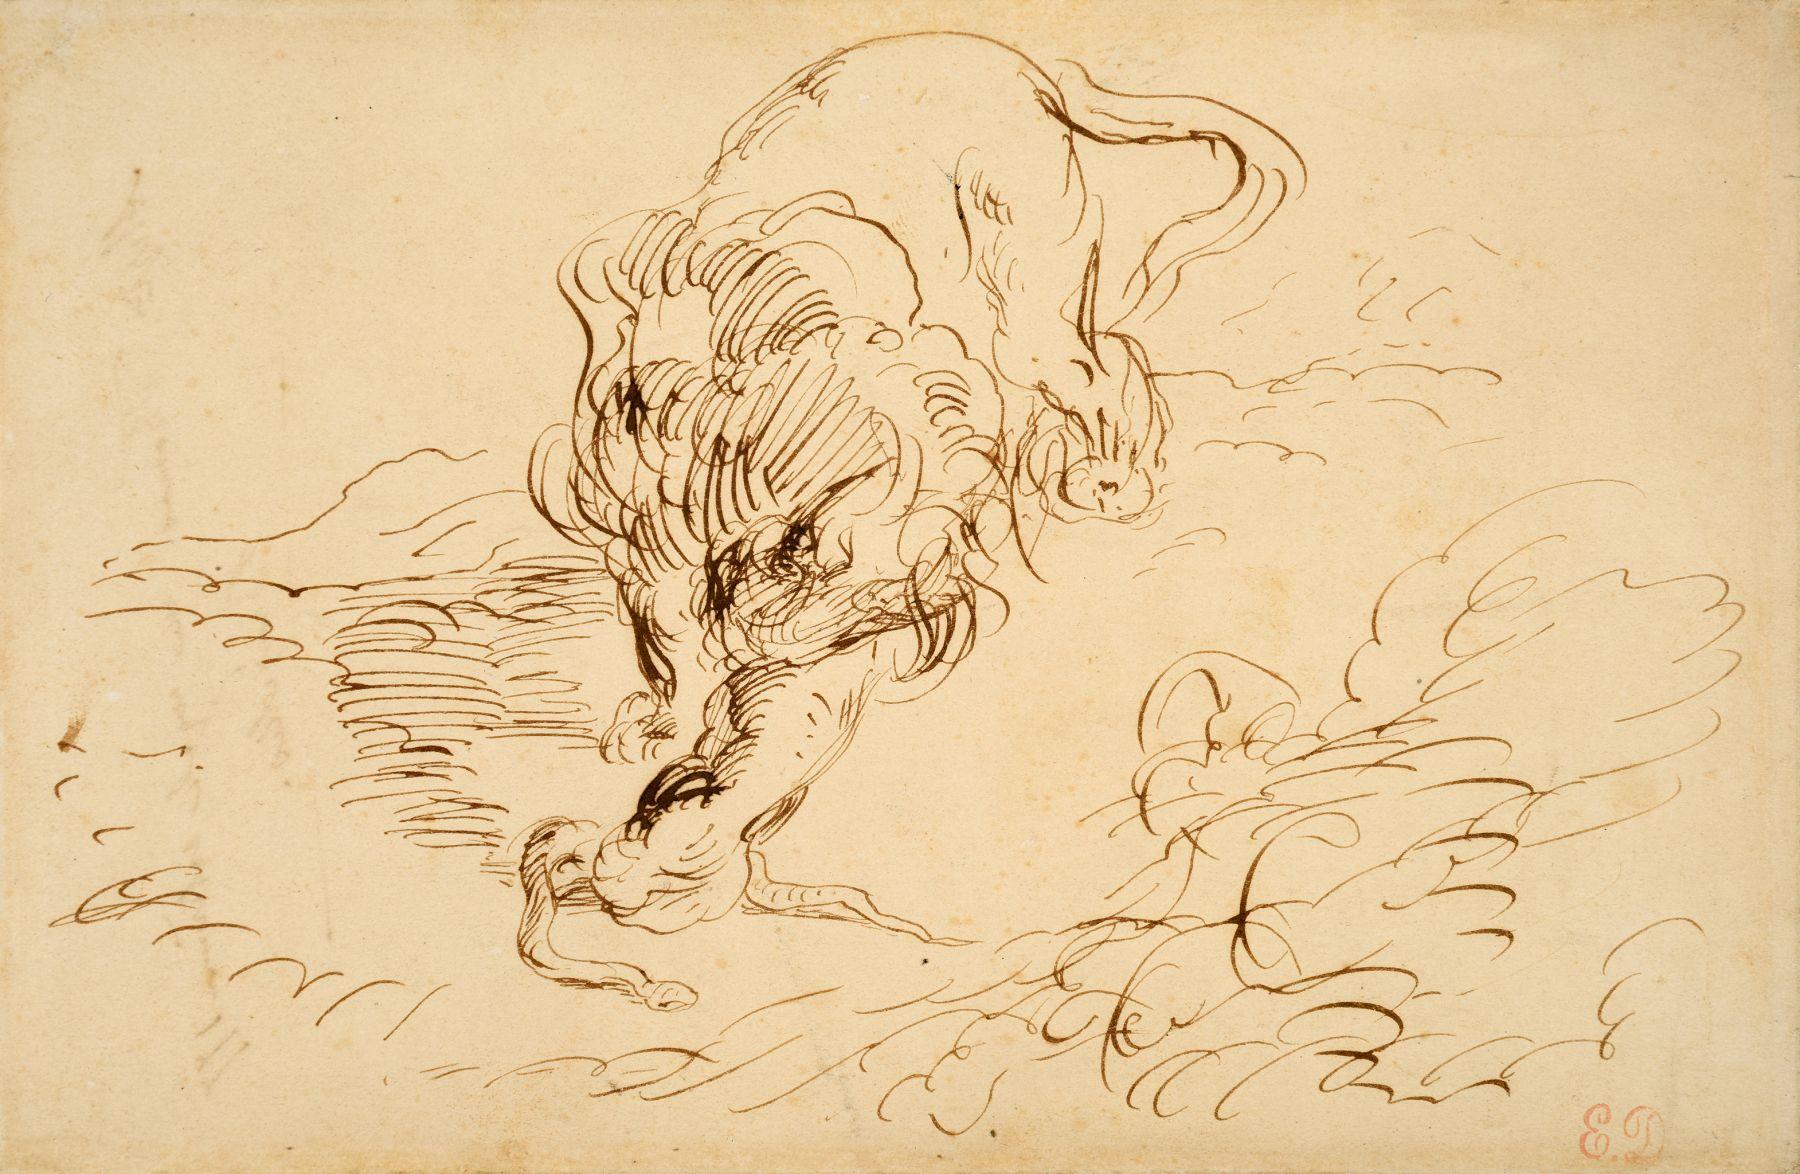 Eugène Delacroix, Lion Attacking a Serpent